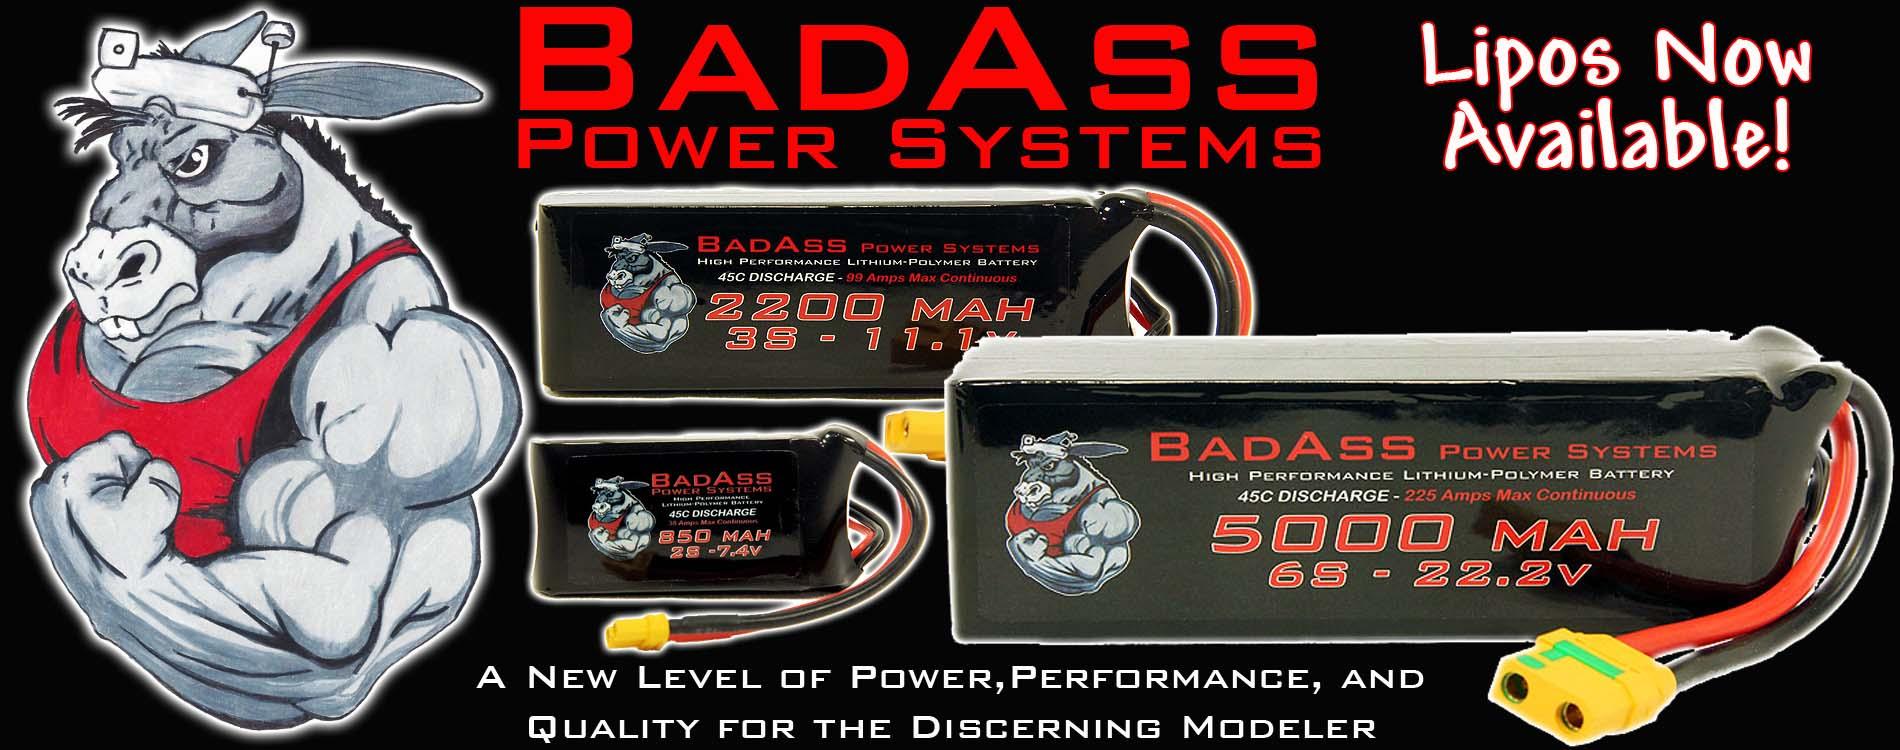 BadAss Lipo Batteries